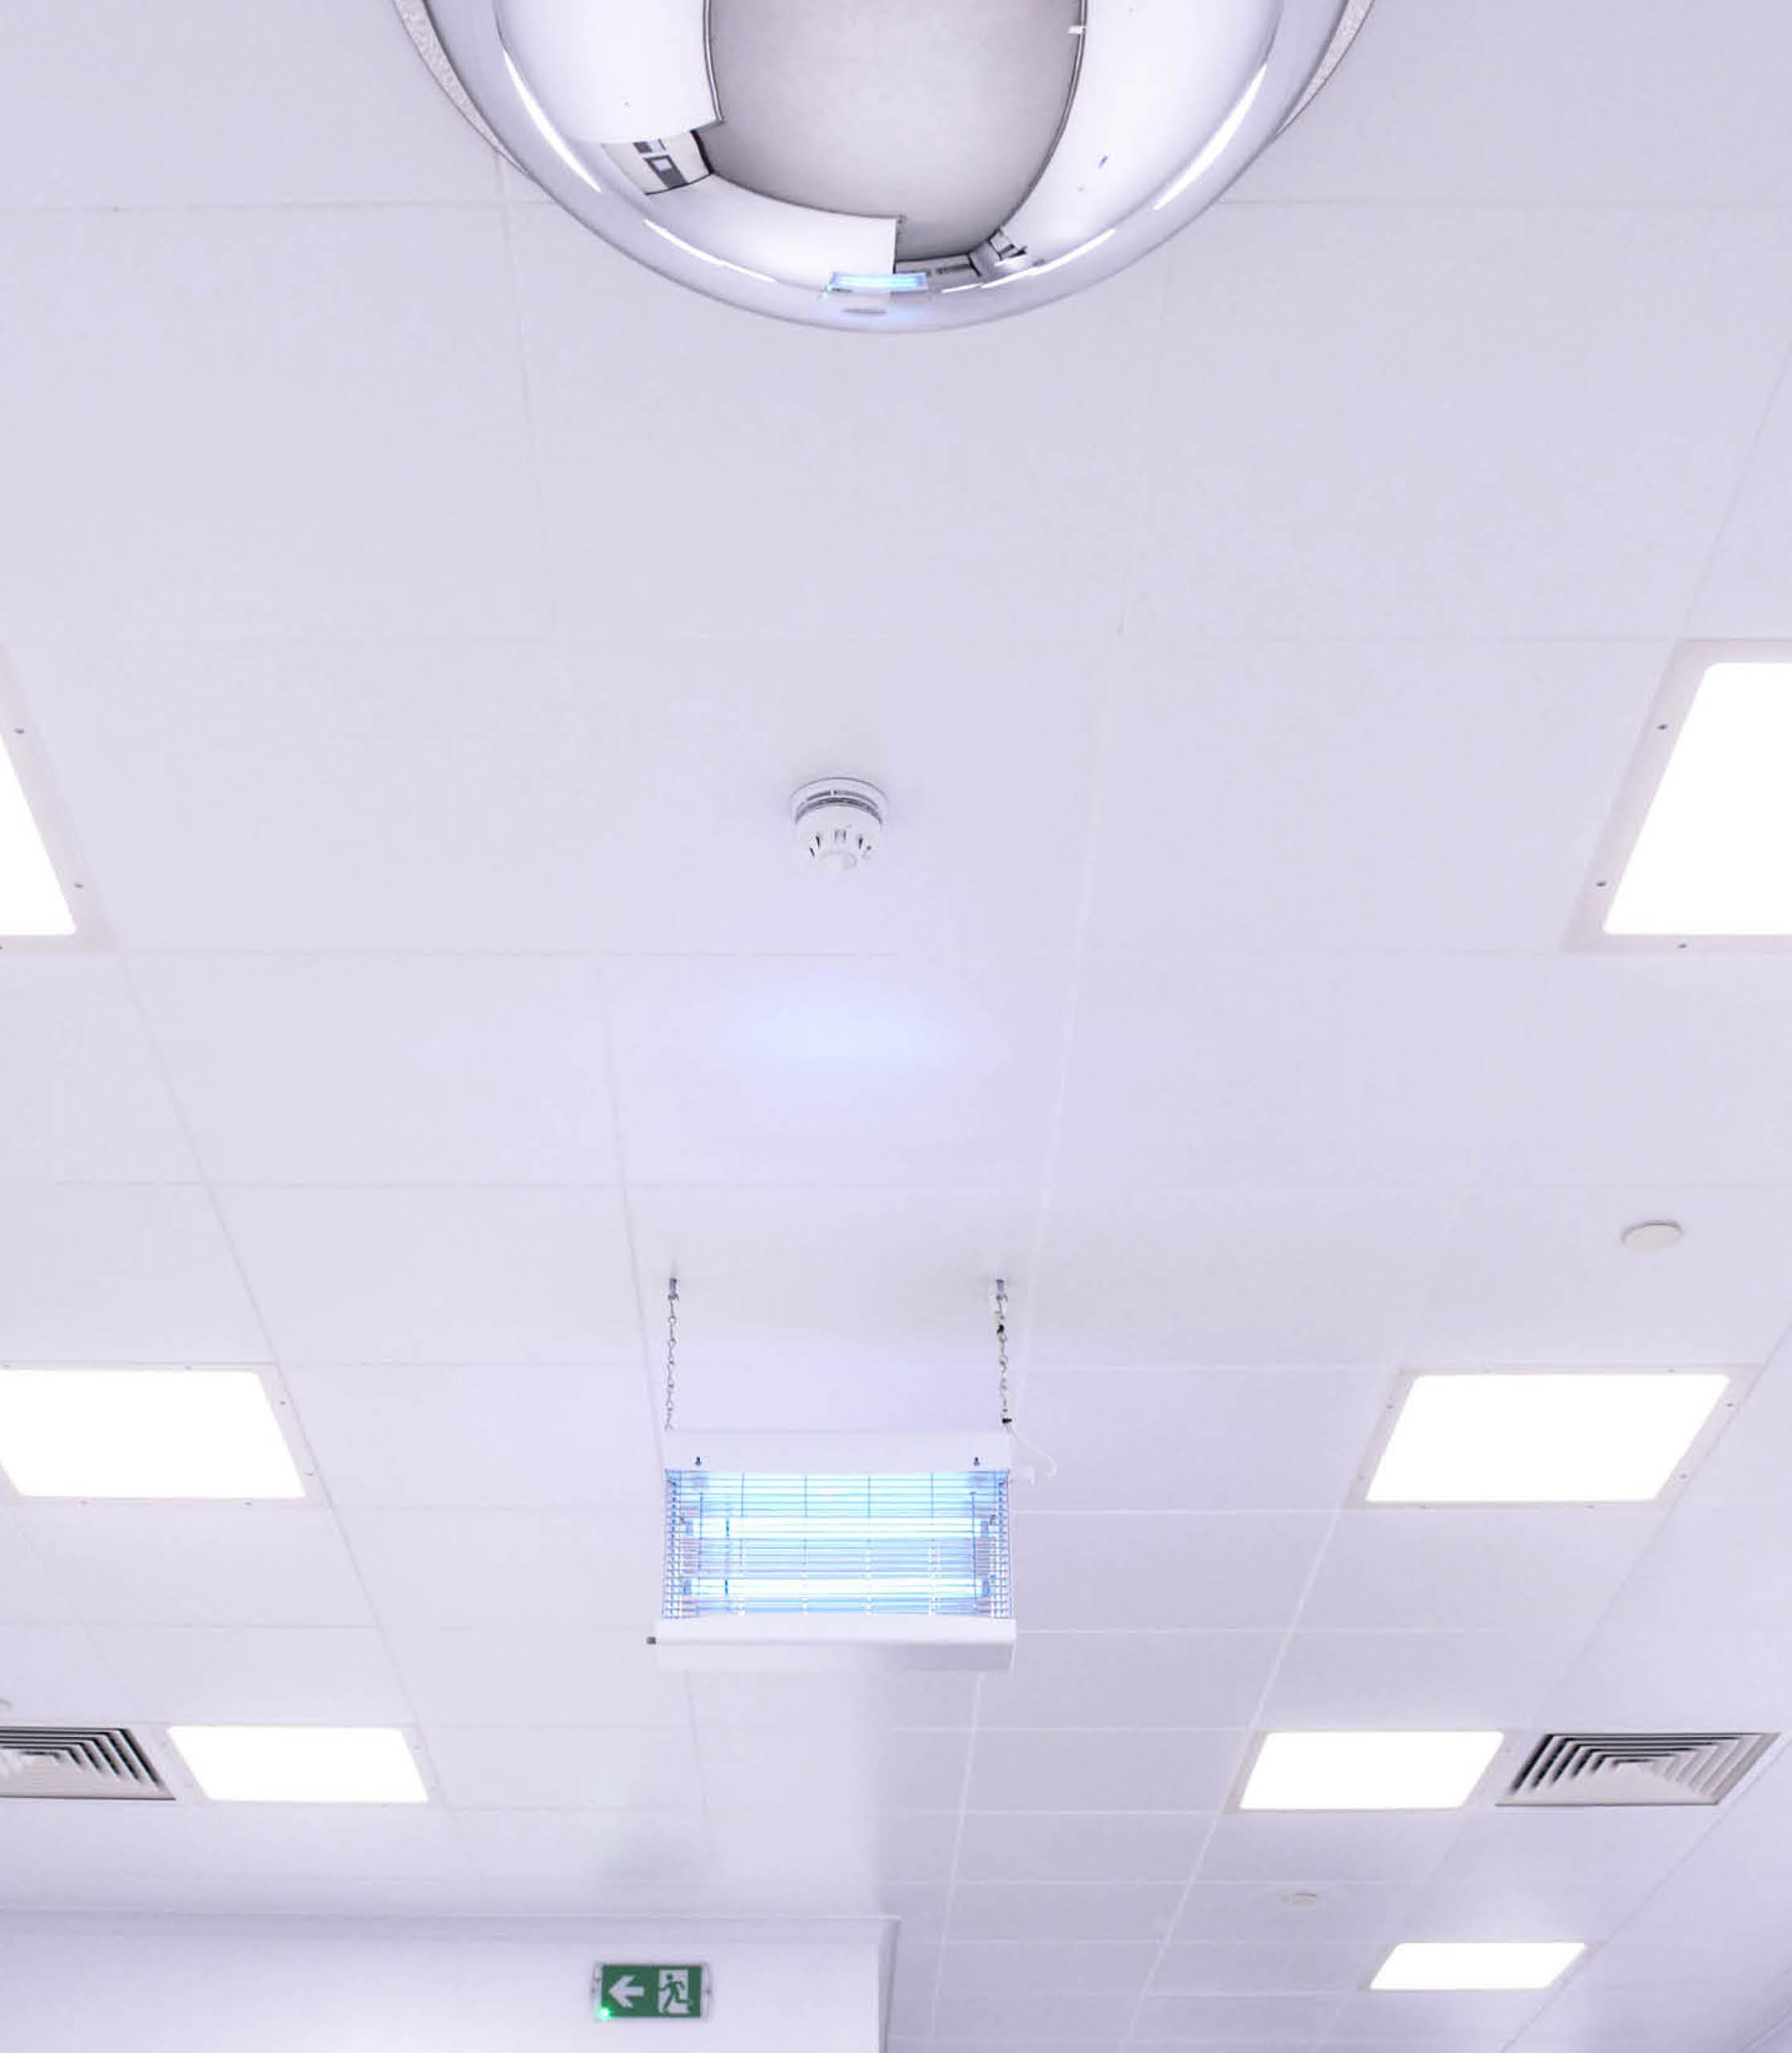 ceiling1portrait